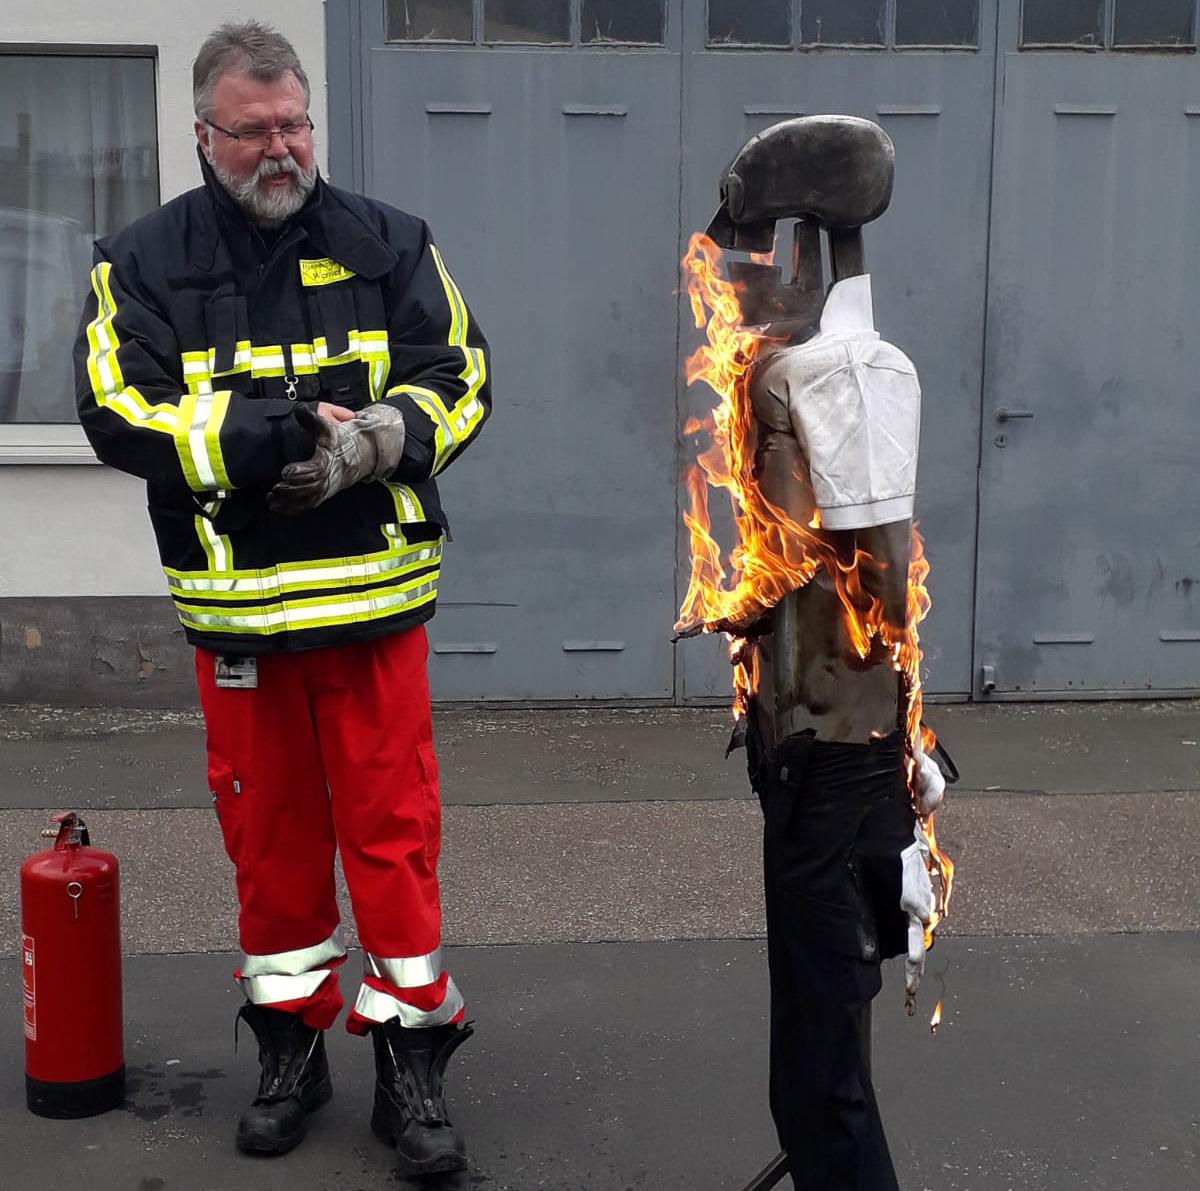 Vorstandsmitglied Werner Kircher demonstriert an einer Übungspuppe eine brennende Person